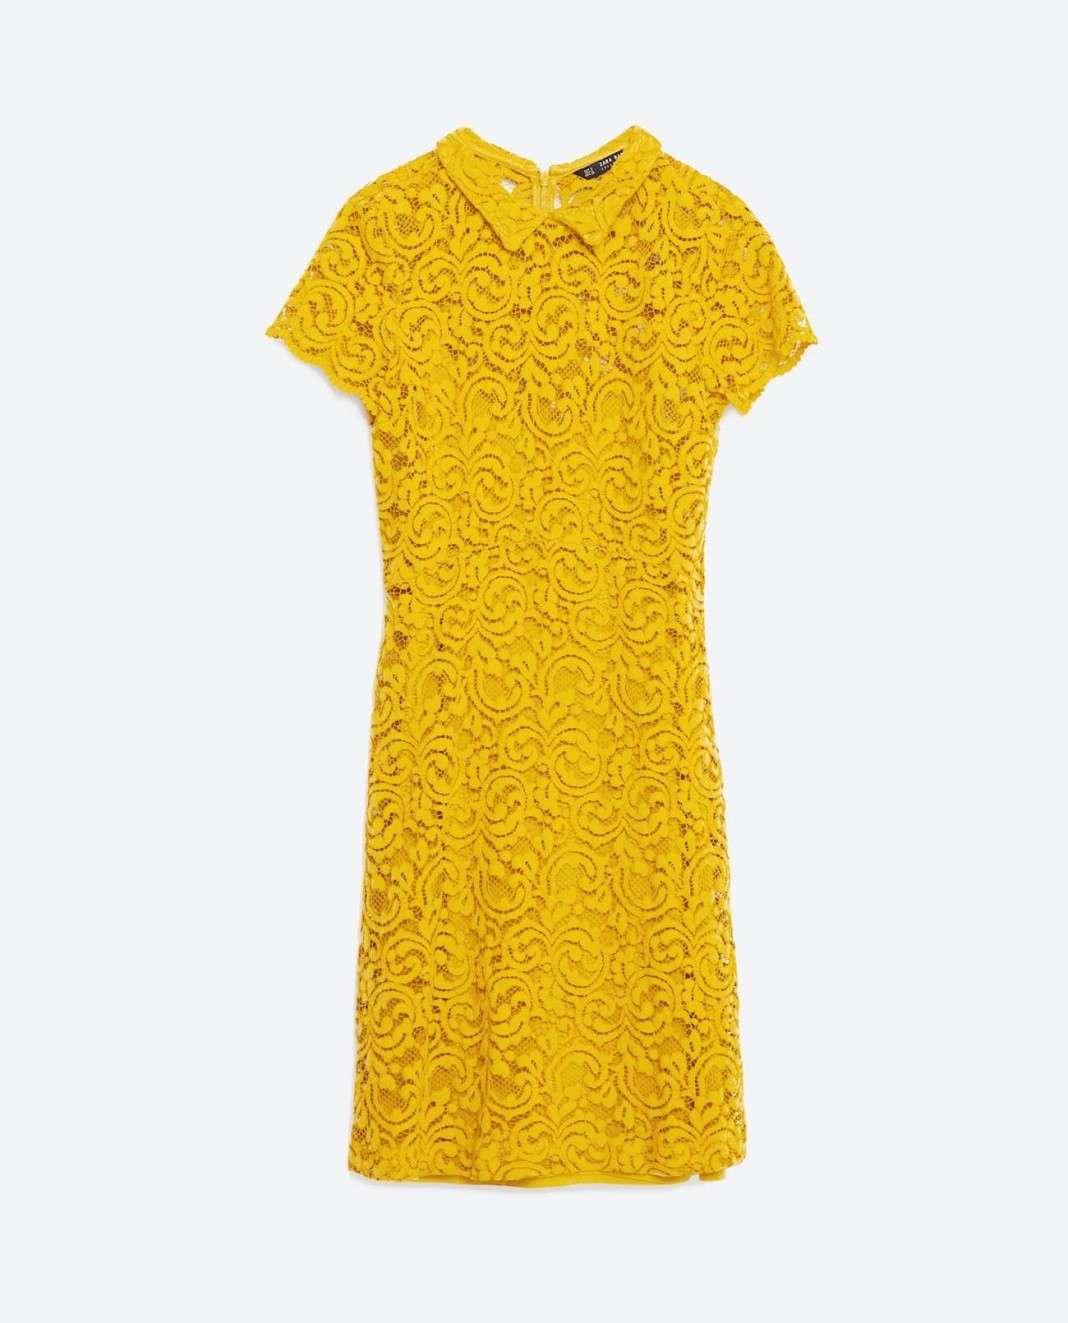 vestidos de Zara para el verano 2016 amarillo encaje